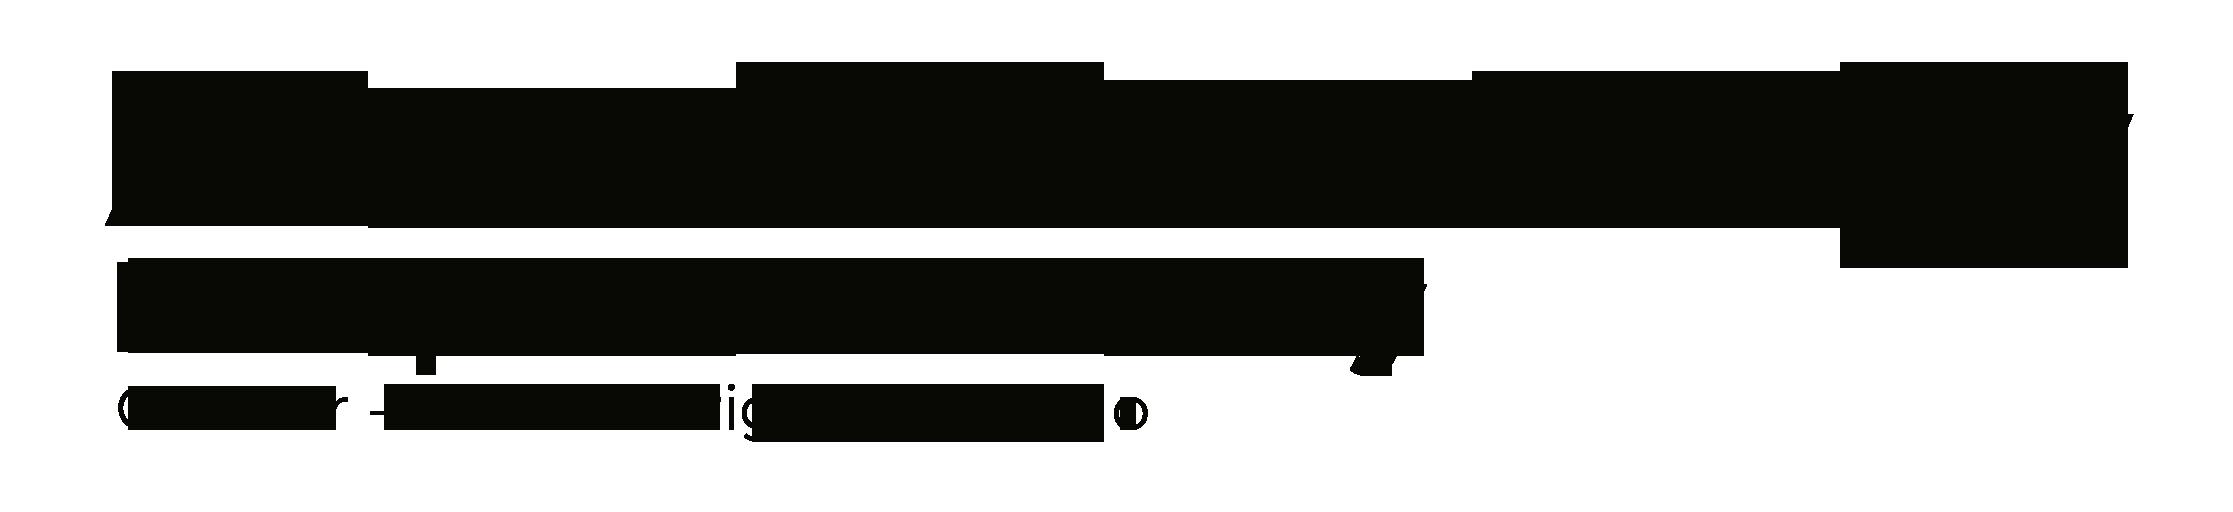 Dolapo Obat Gallery: Alternative Reality